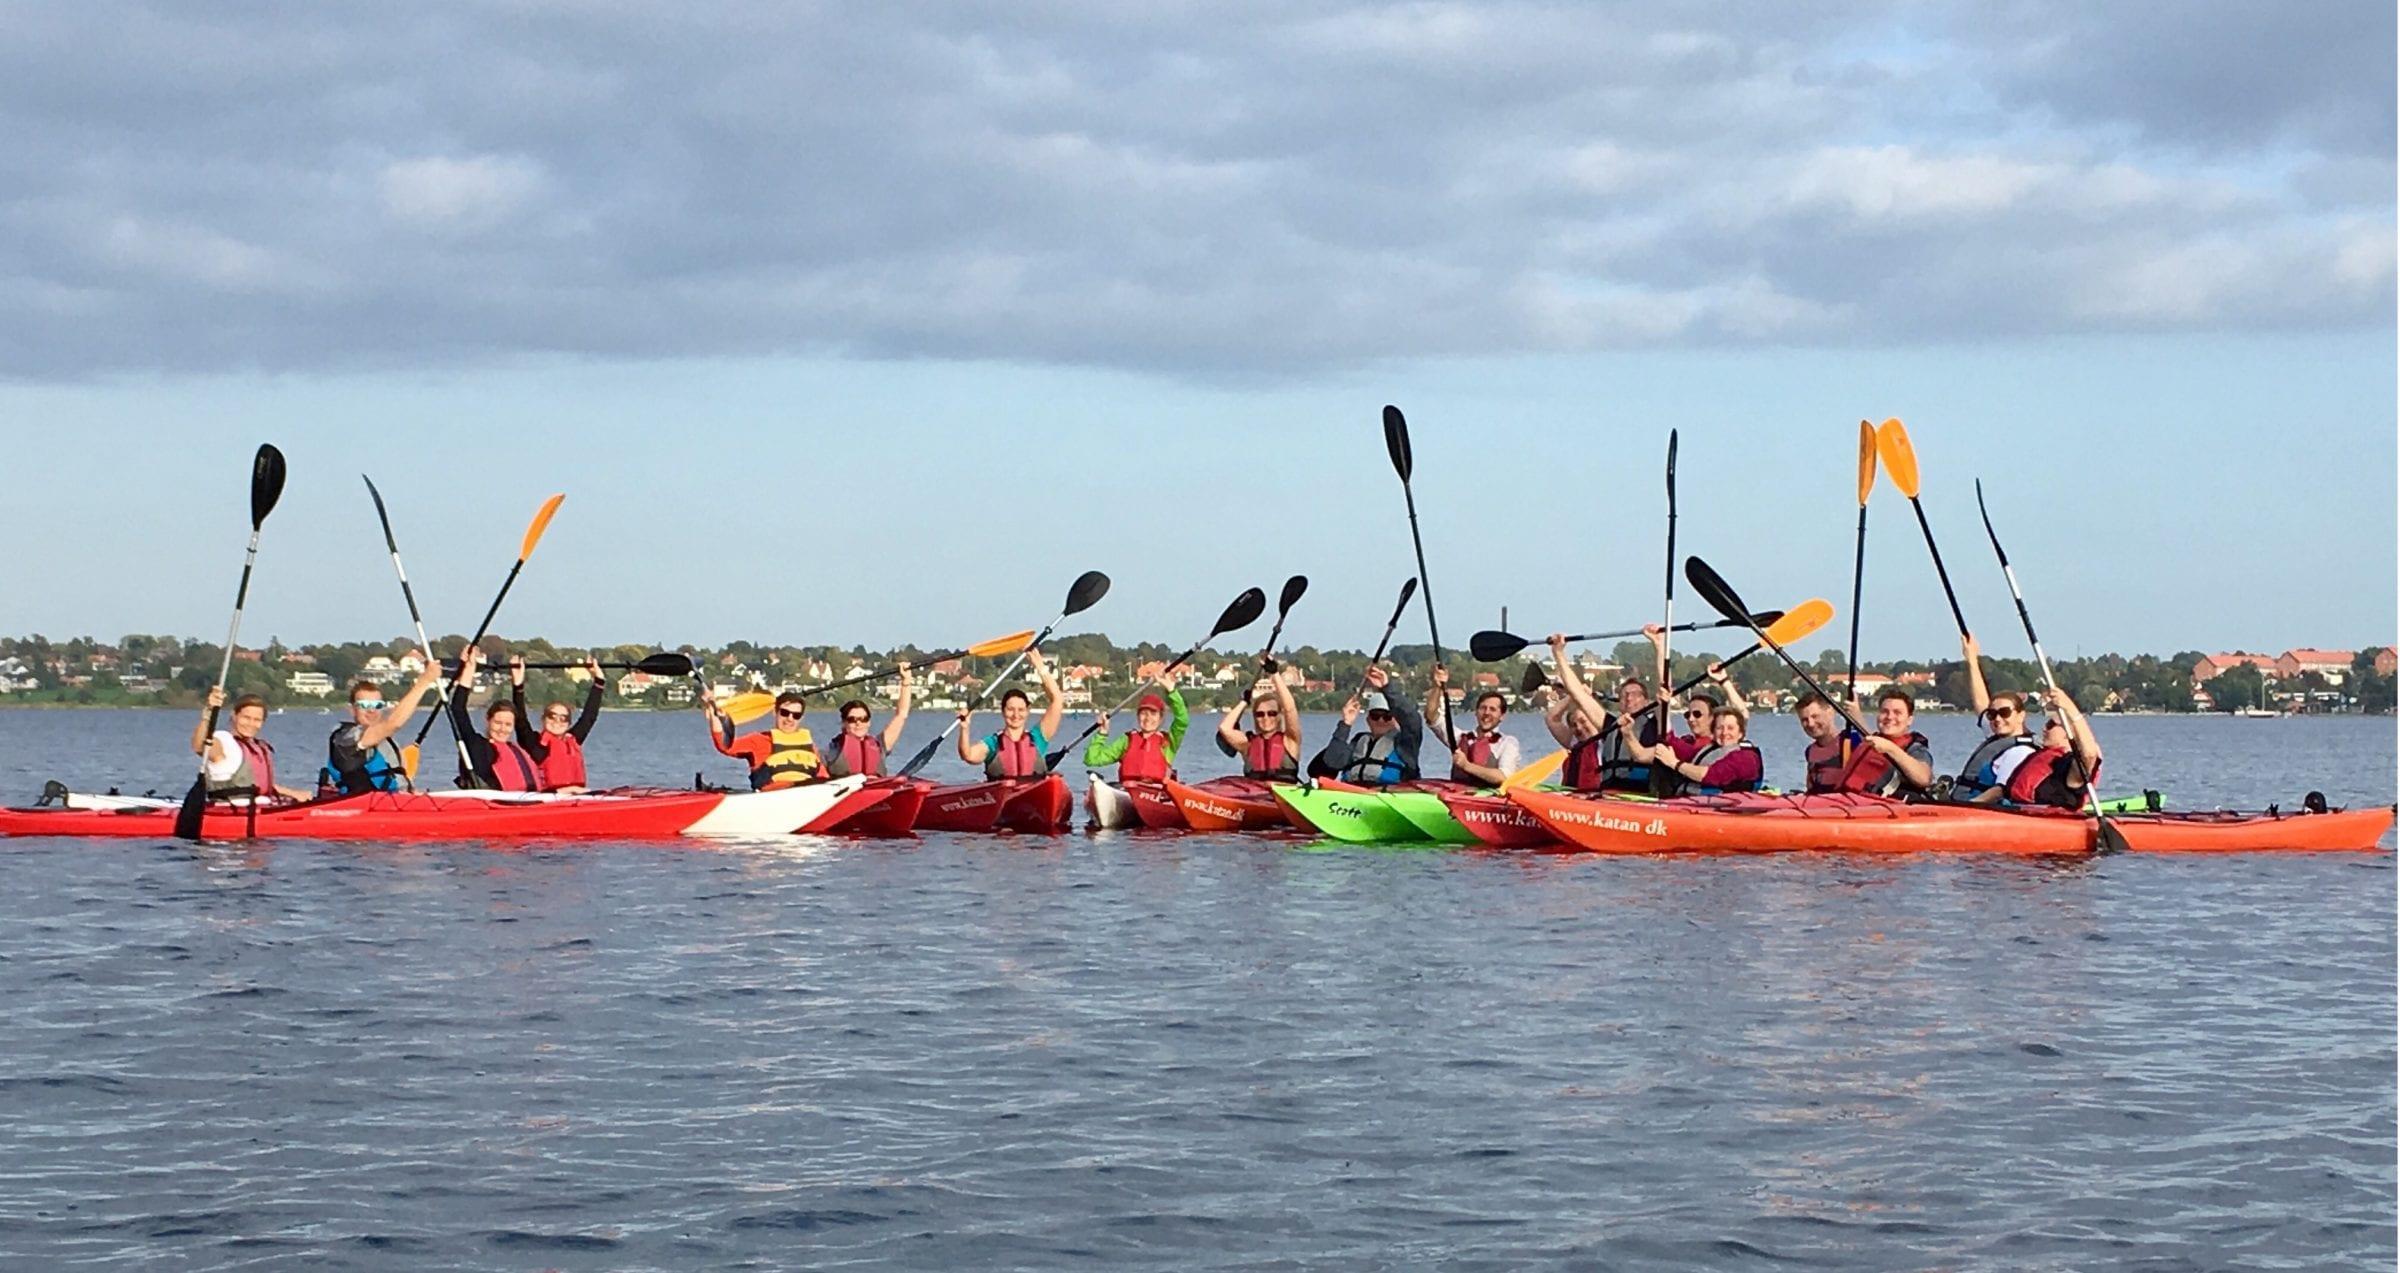 kajaktur på Roskilde fjord til polterabend